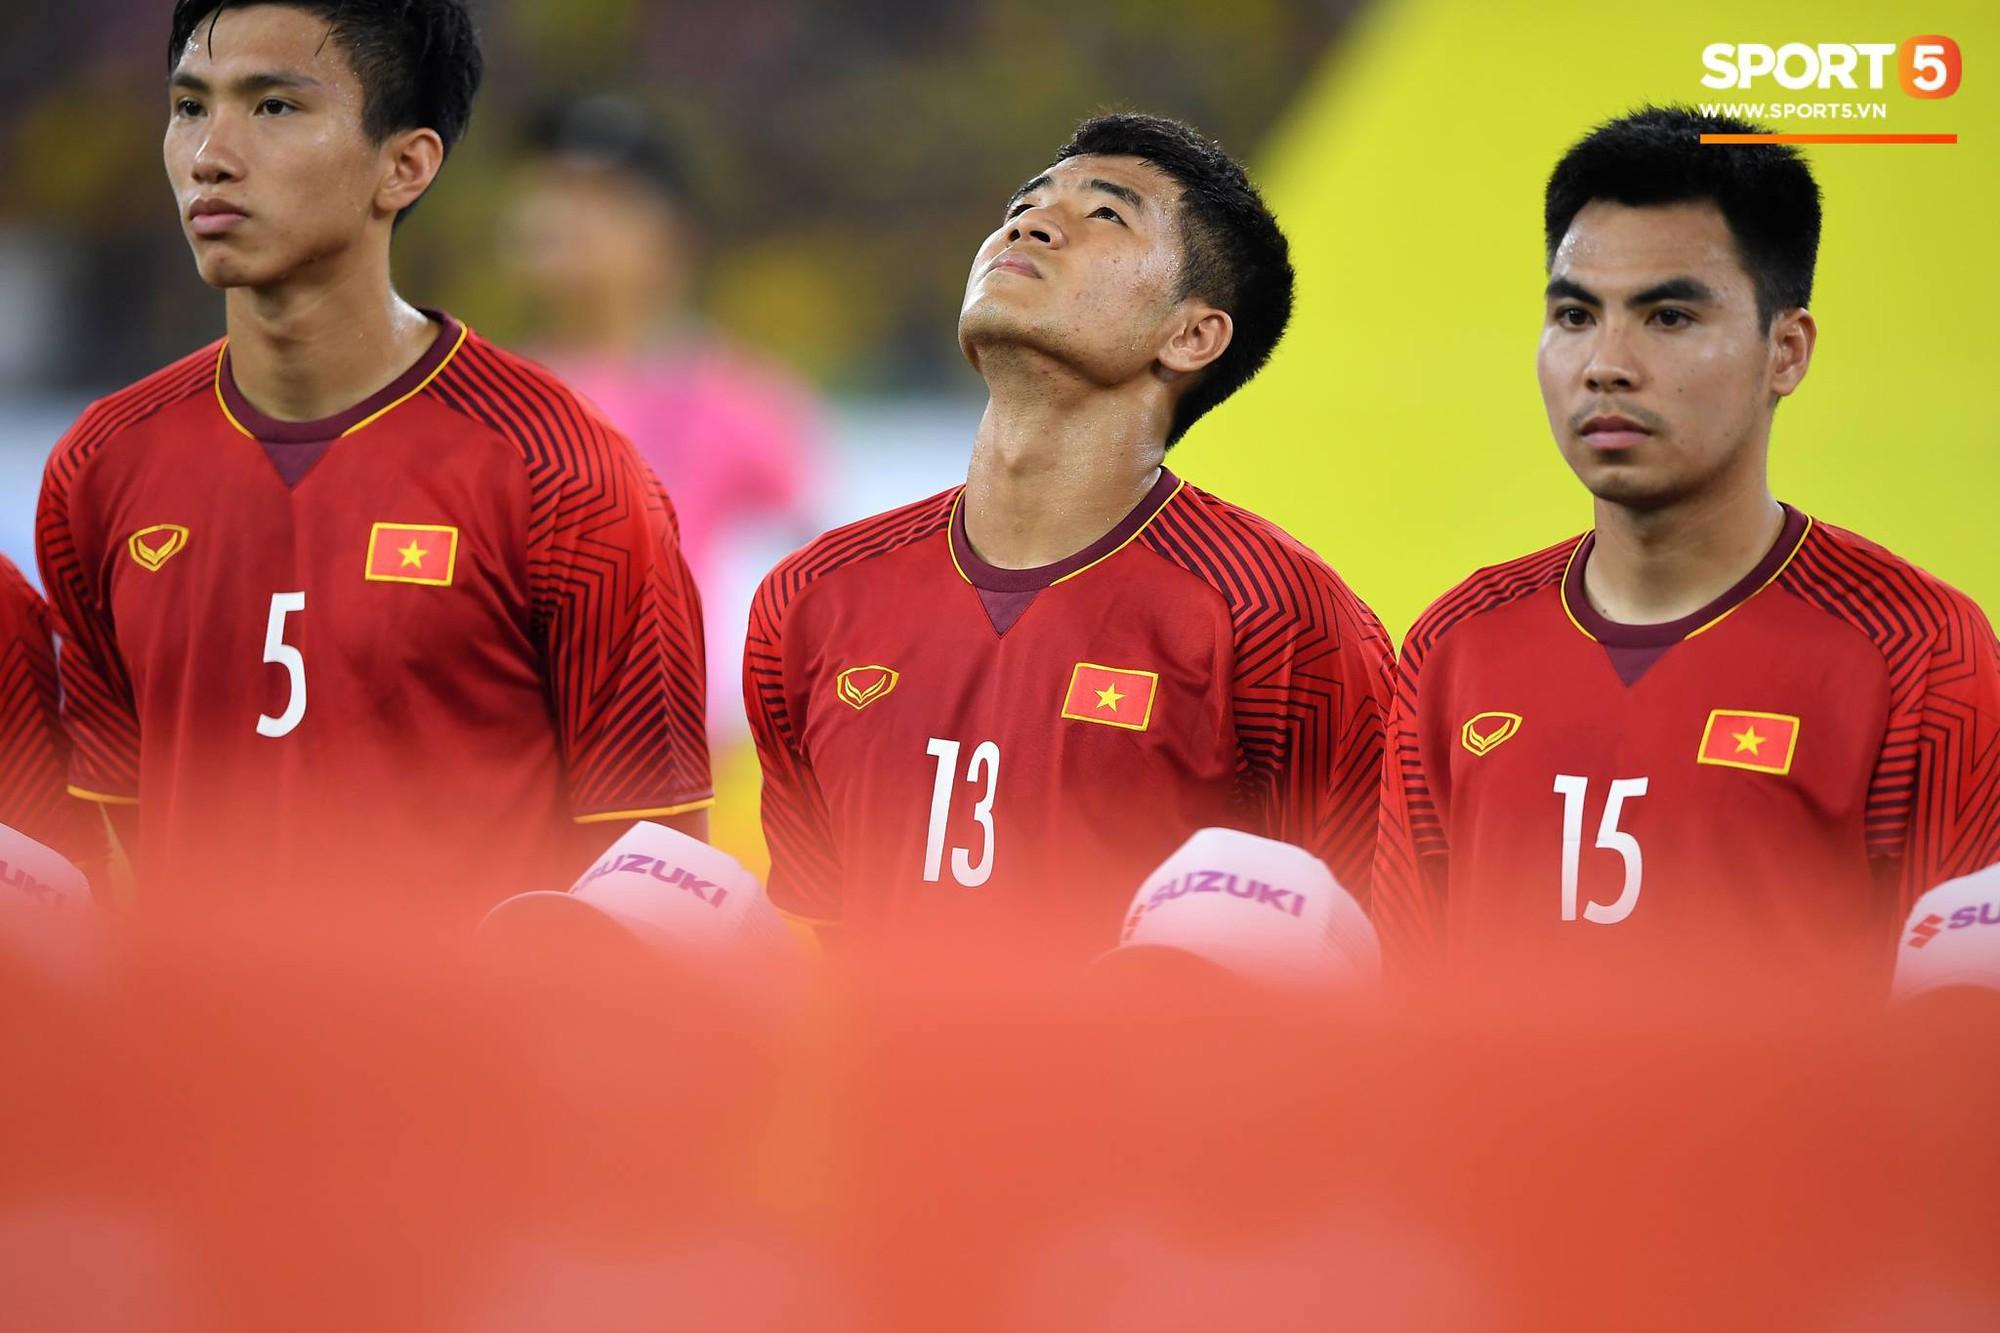 AFF Cup 2018 đã kết thúc, Việt Nam đã chiến thắng, và 10 khoảnh khắc đẹp nhất sẽ mãi lưu trong lòng người Việt-9